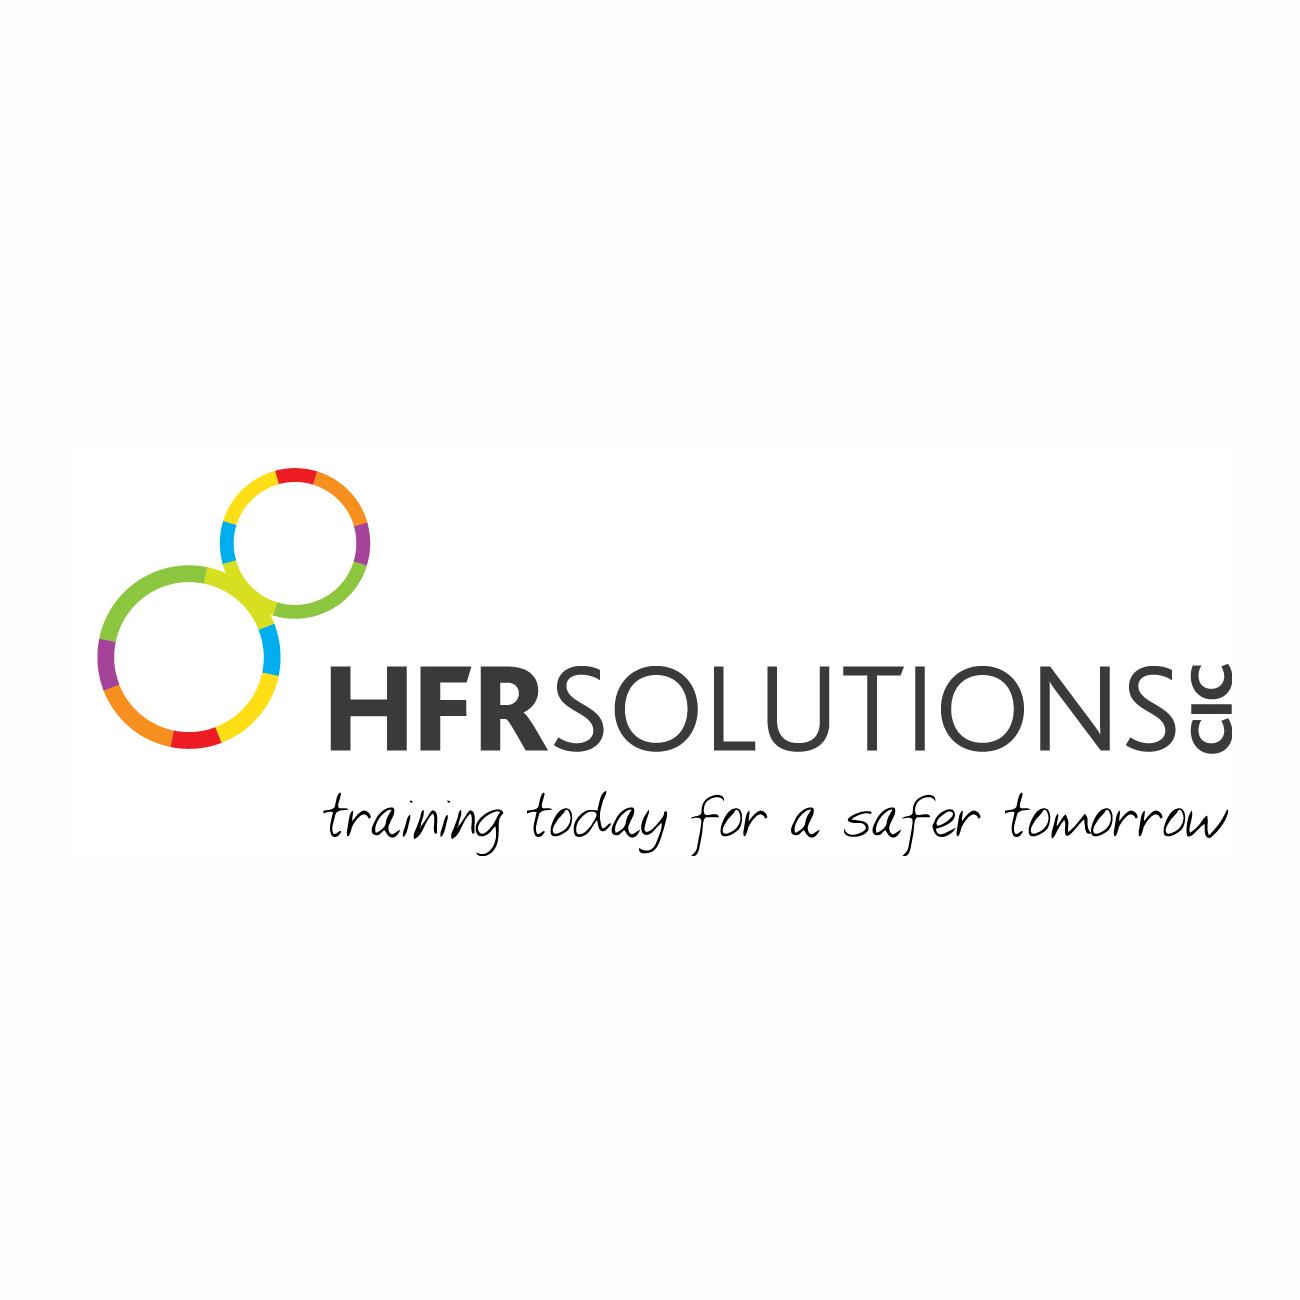 HFR Solutions logo